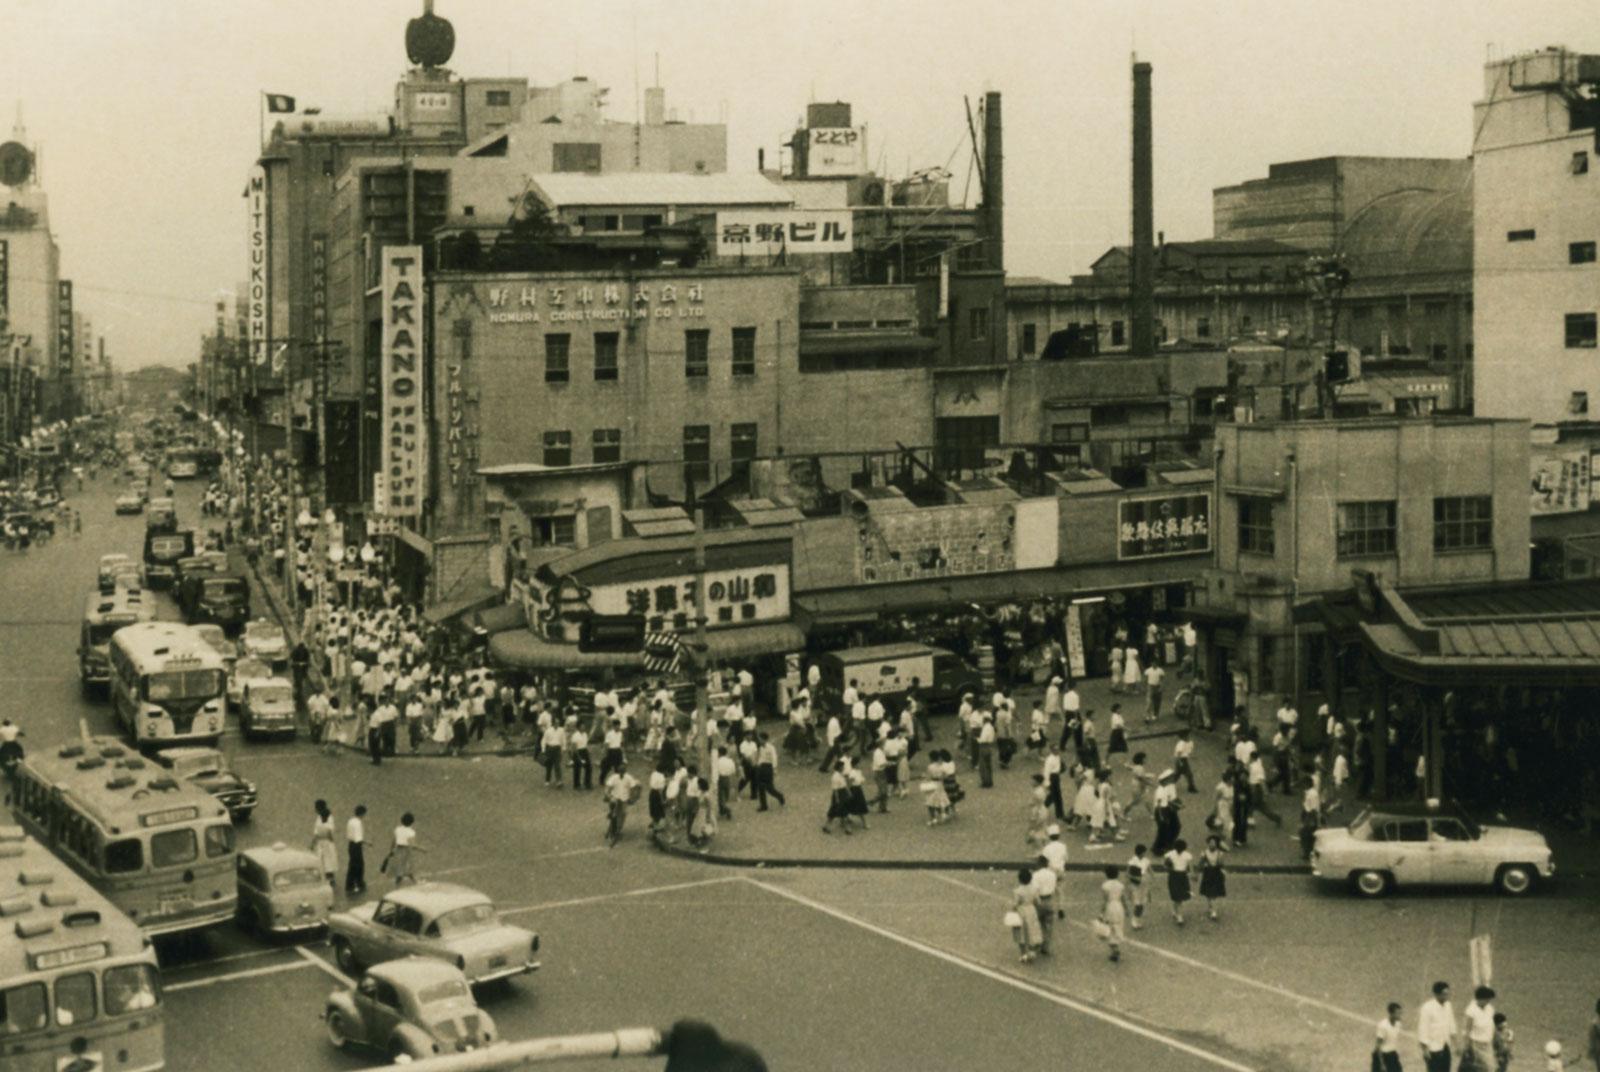 新宿駅東口前。高野ビルの手前は闇市の名残の野原組のマーケット(通称ハモニカ横丁)と、尾津喜之助が恩赦で刑務所から出所した後、昭和27年に建設した龍宮マーケット。昭和34年7月17日